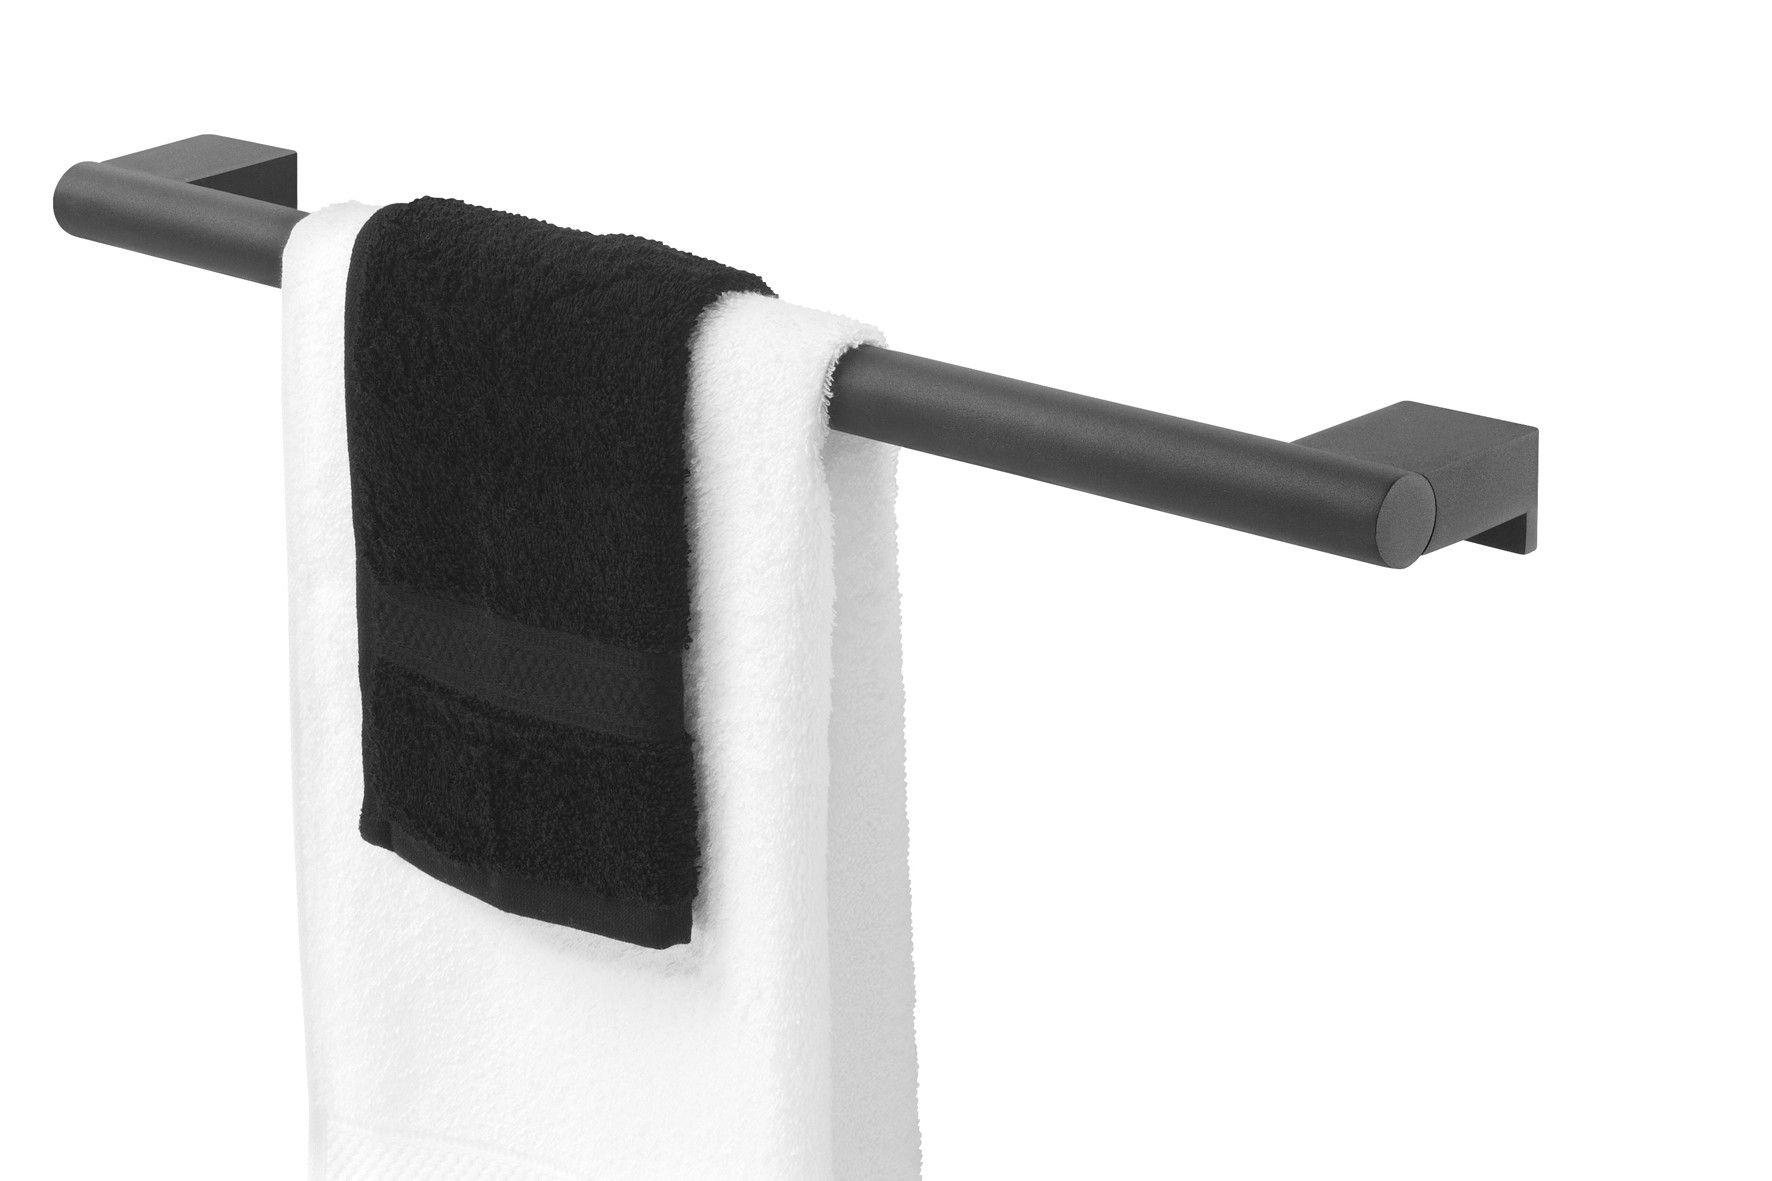 Toilet Accessoires Zwart : Haak dubbel haceka kosmos zwart badkamer accessoires beste prijs